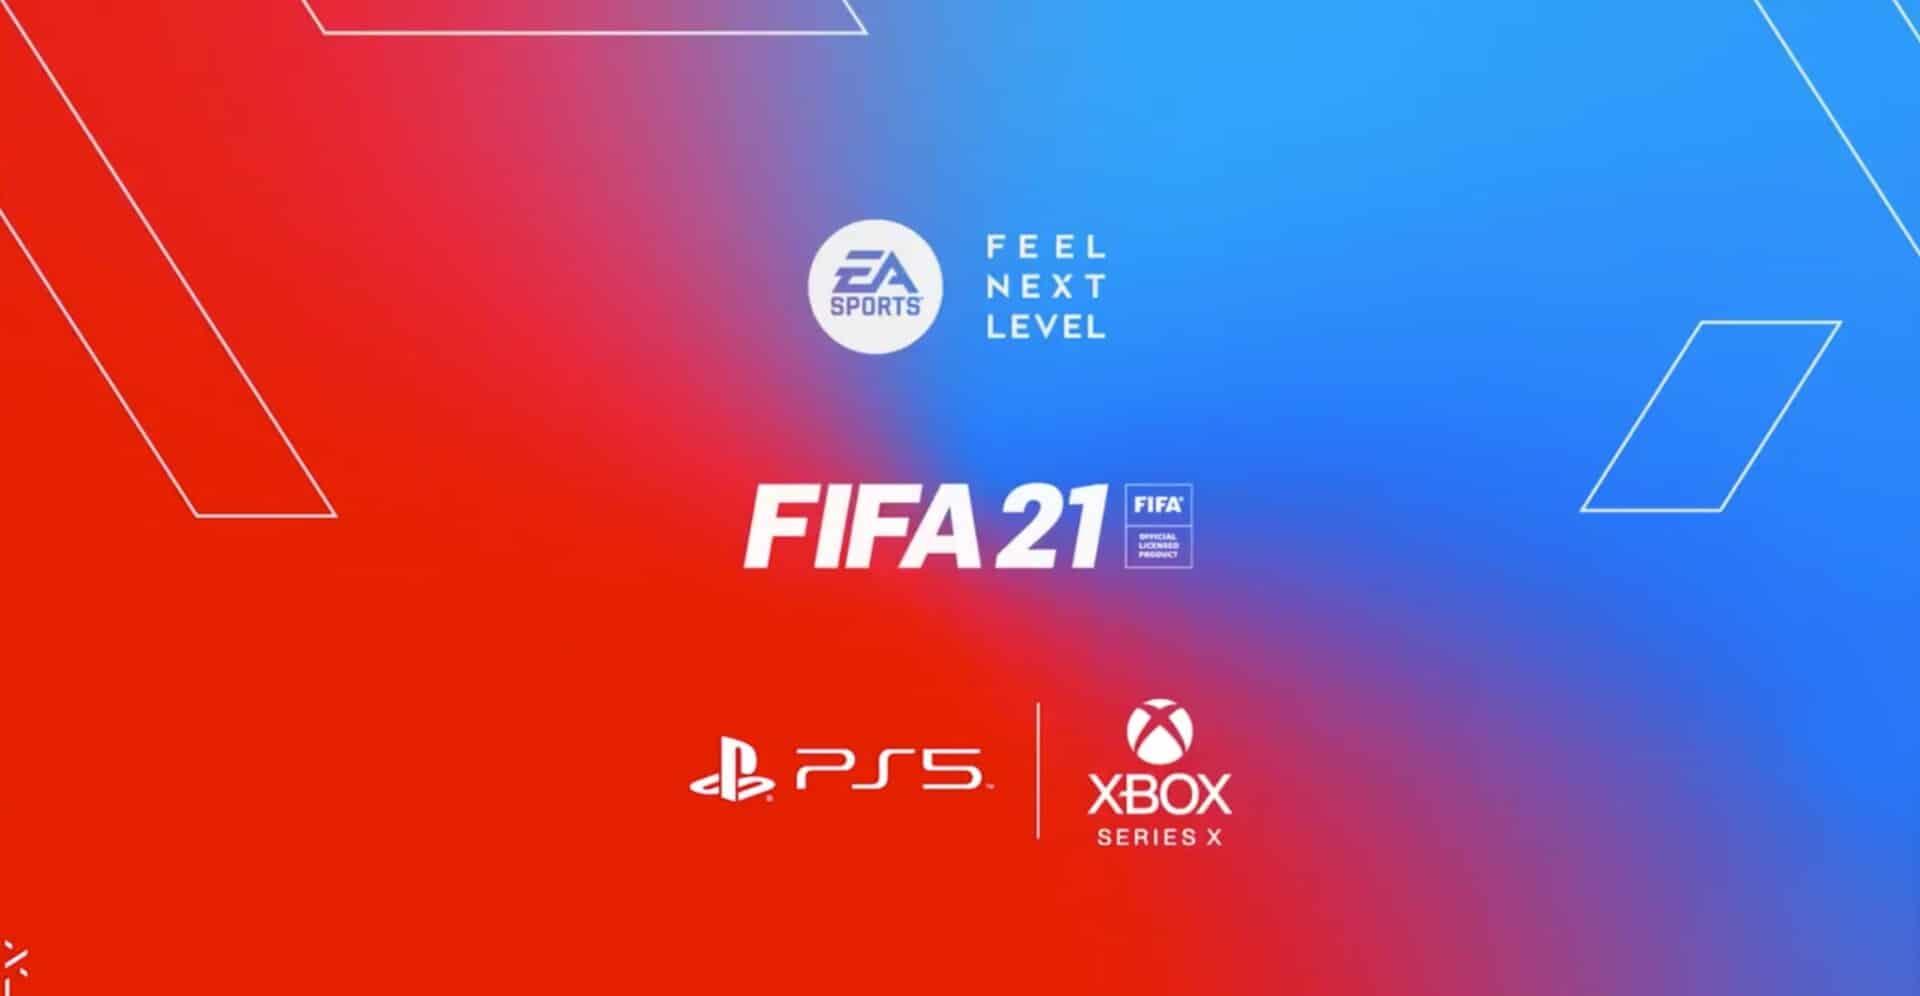 Jogos: FIFA 21 é anunciado para PlayStation 5 e Xbox Series X